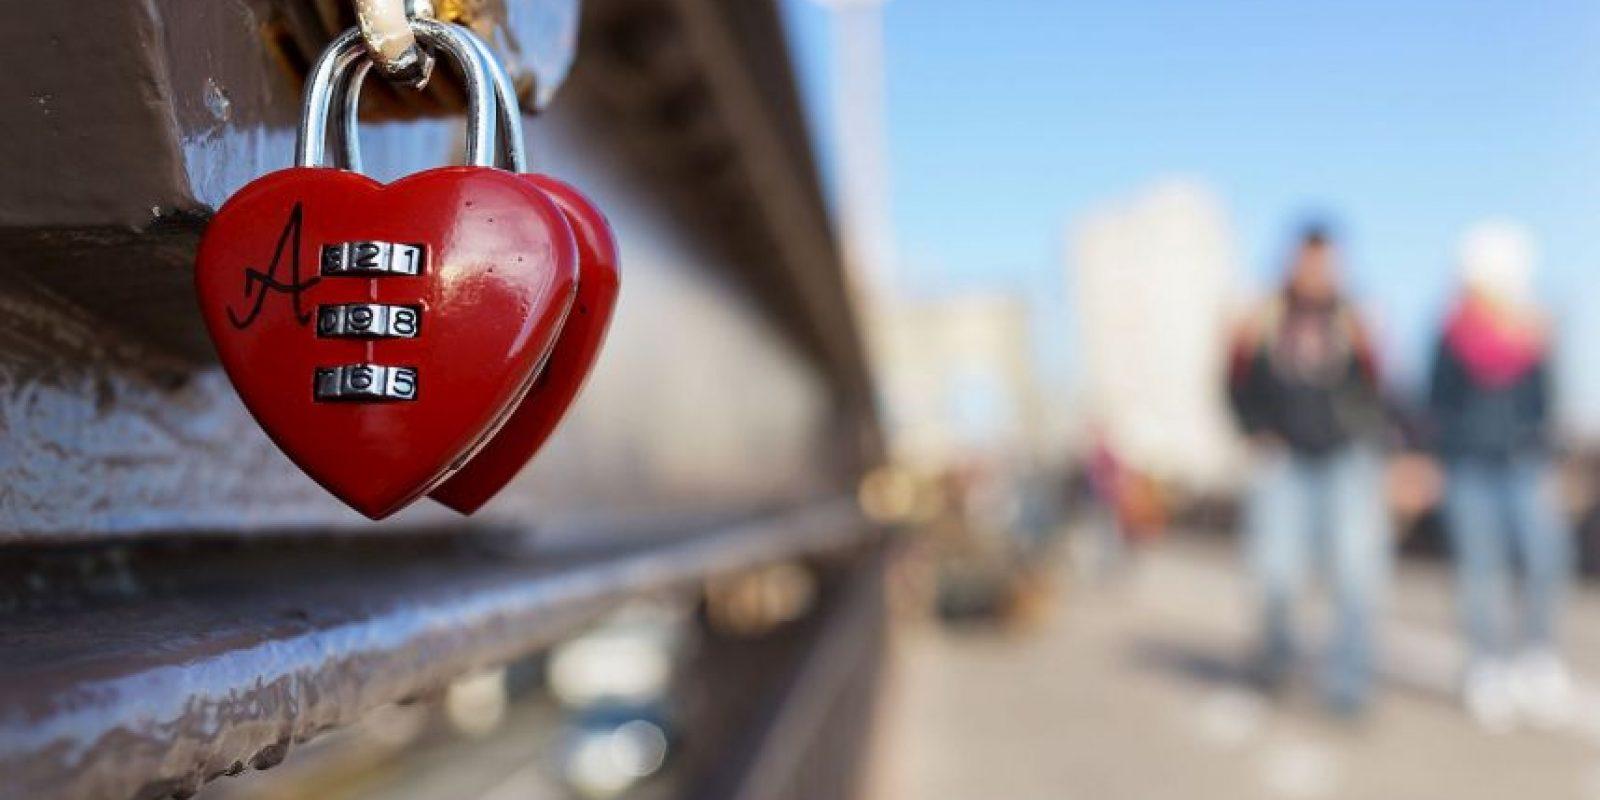 El doctor Goulston recomienda andar al lado de la pareja, y mejor aún si se toman la mano. Si uno quiere parar a observar alguna cosa, es mejor hacerlo juntos, o se pierde el sentido de compañía. Foto:Getty Images